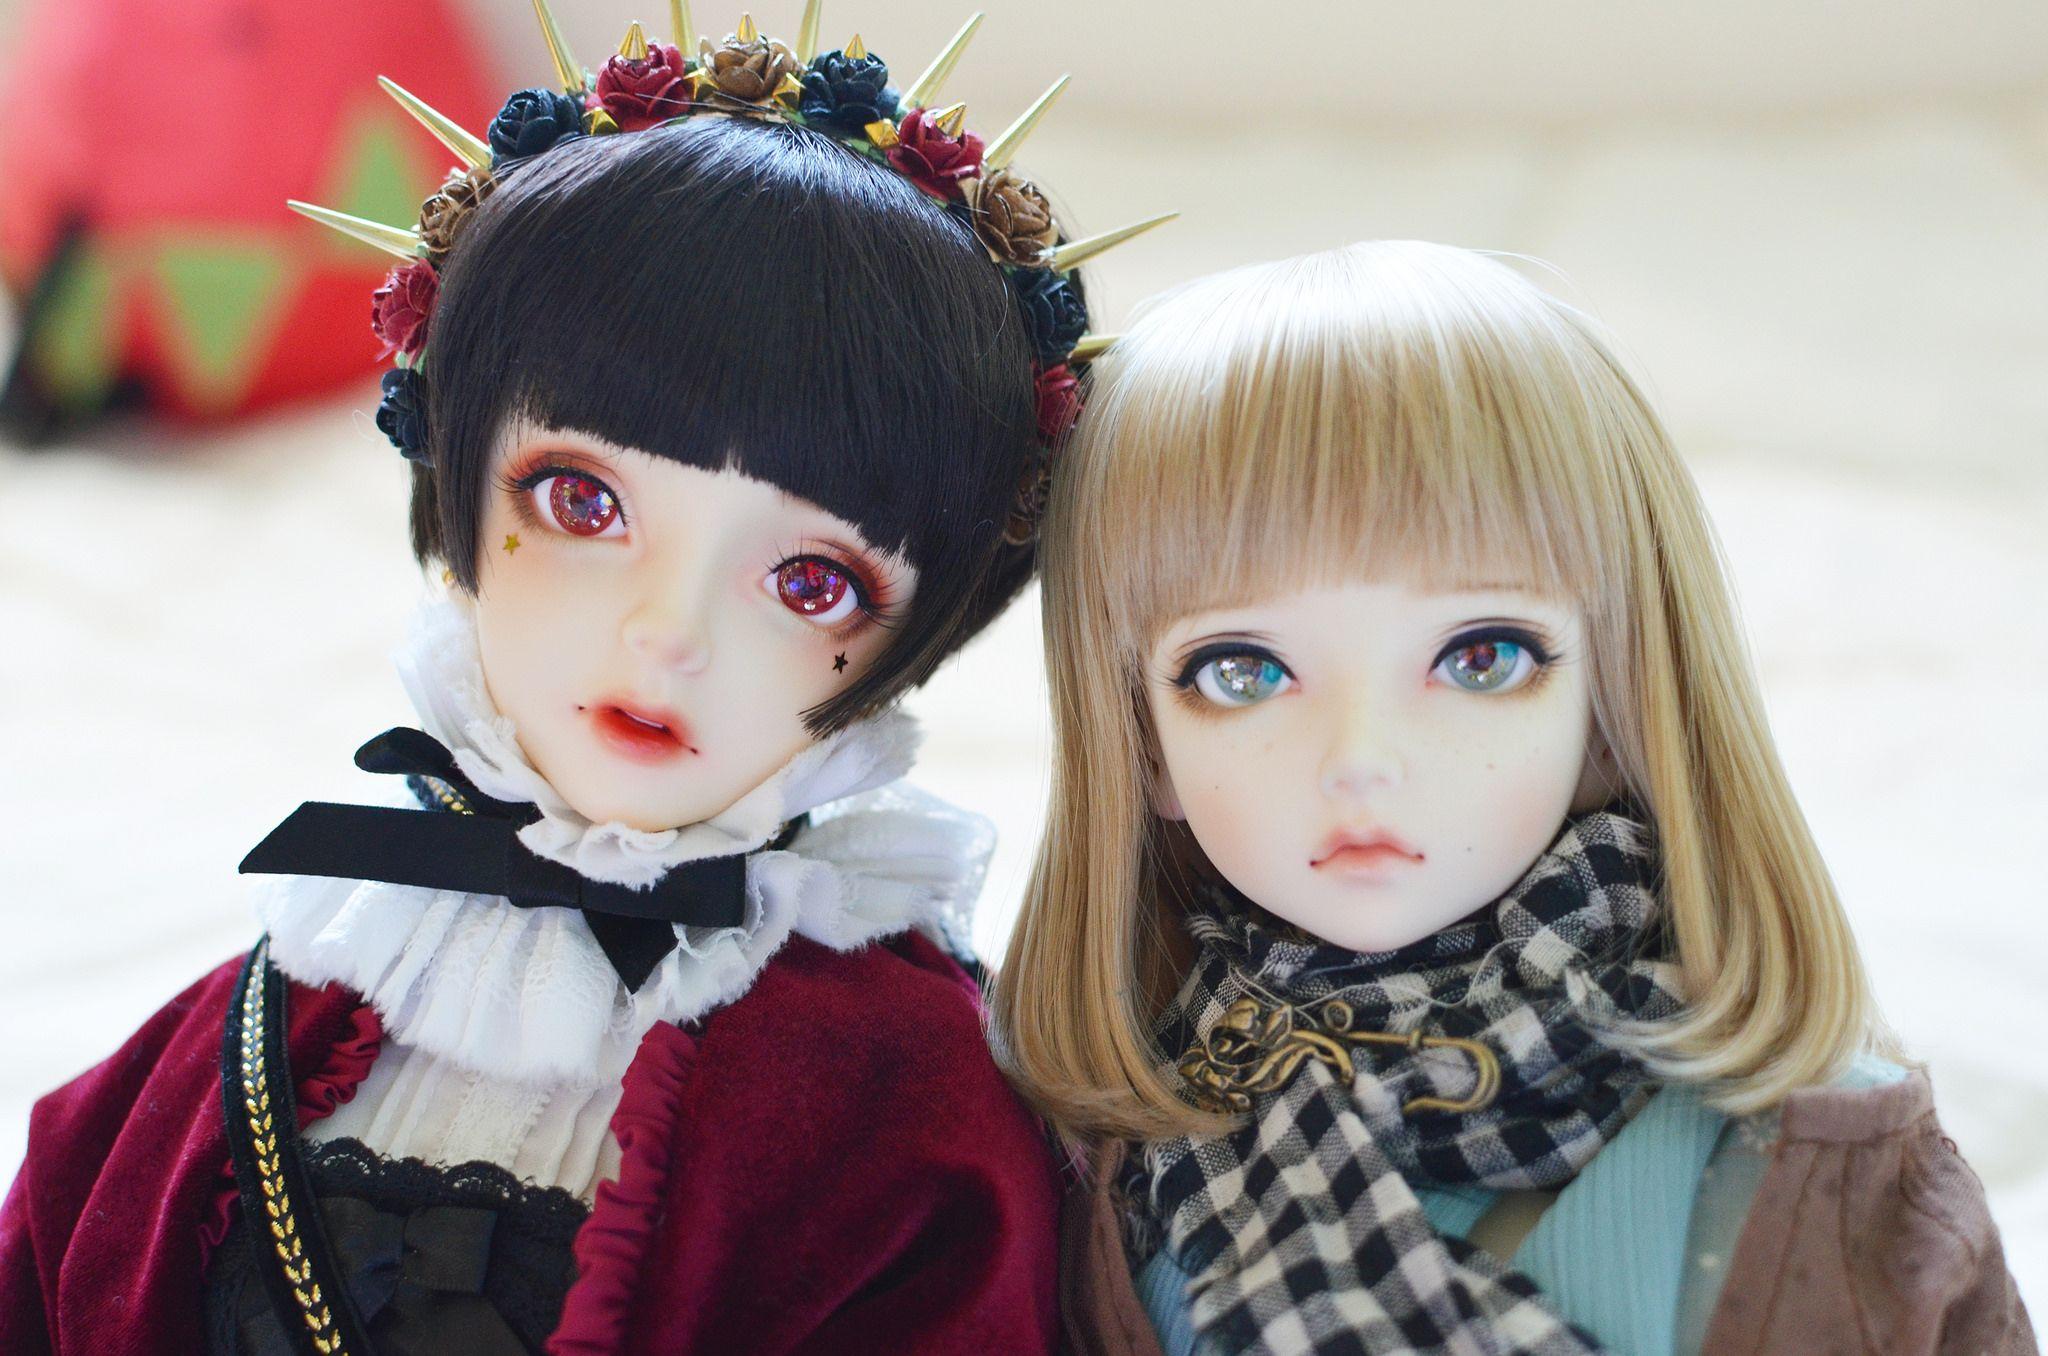 https://flic.kr/p/BKGw9x | ♡ happy new year ♡ | from haerang & lenoire